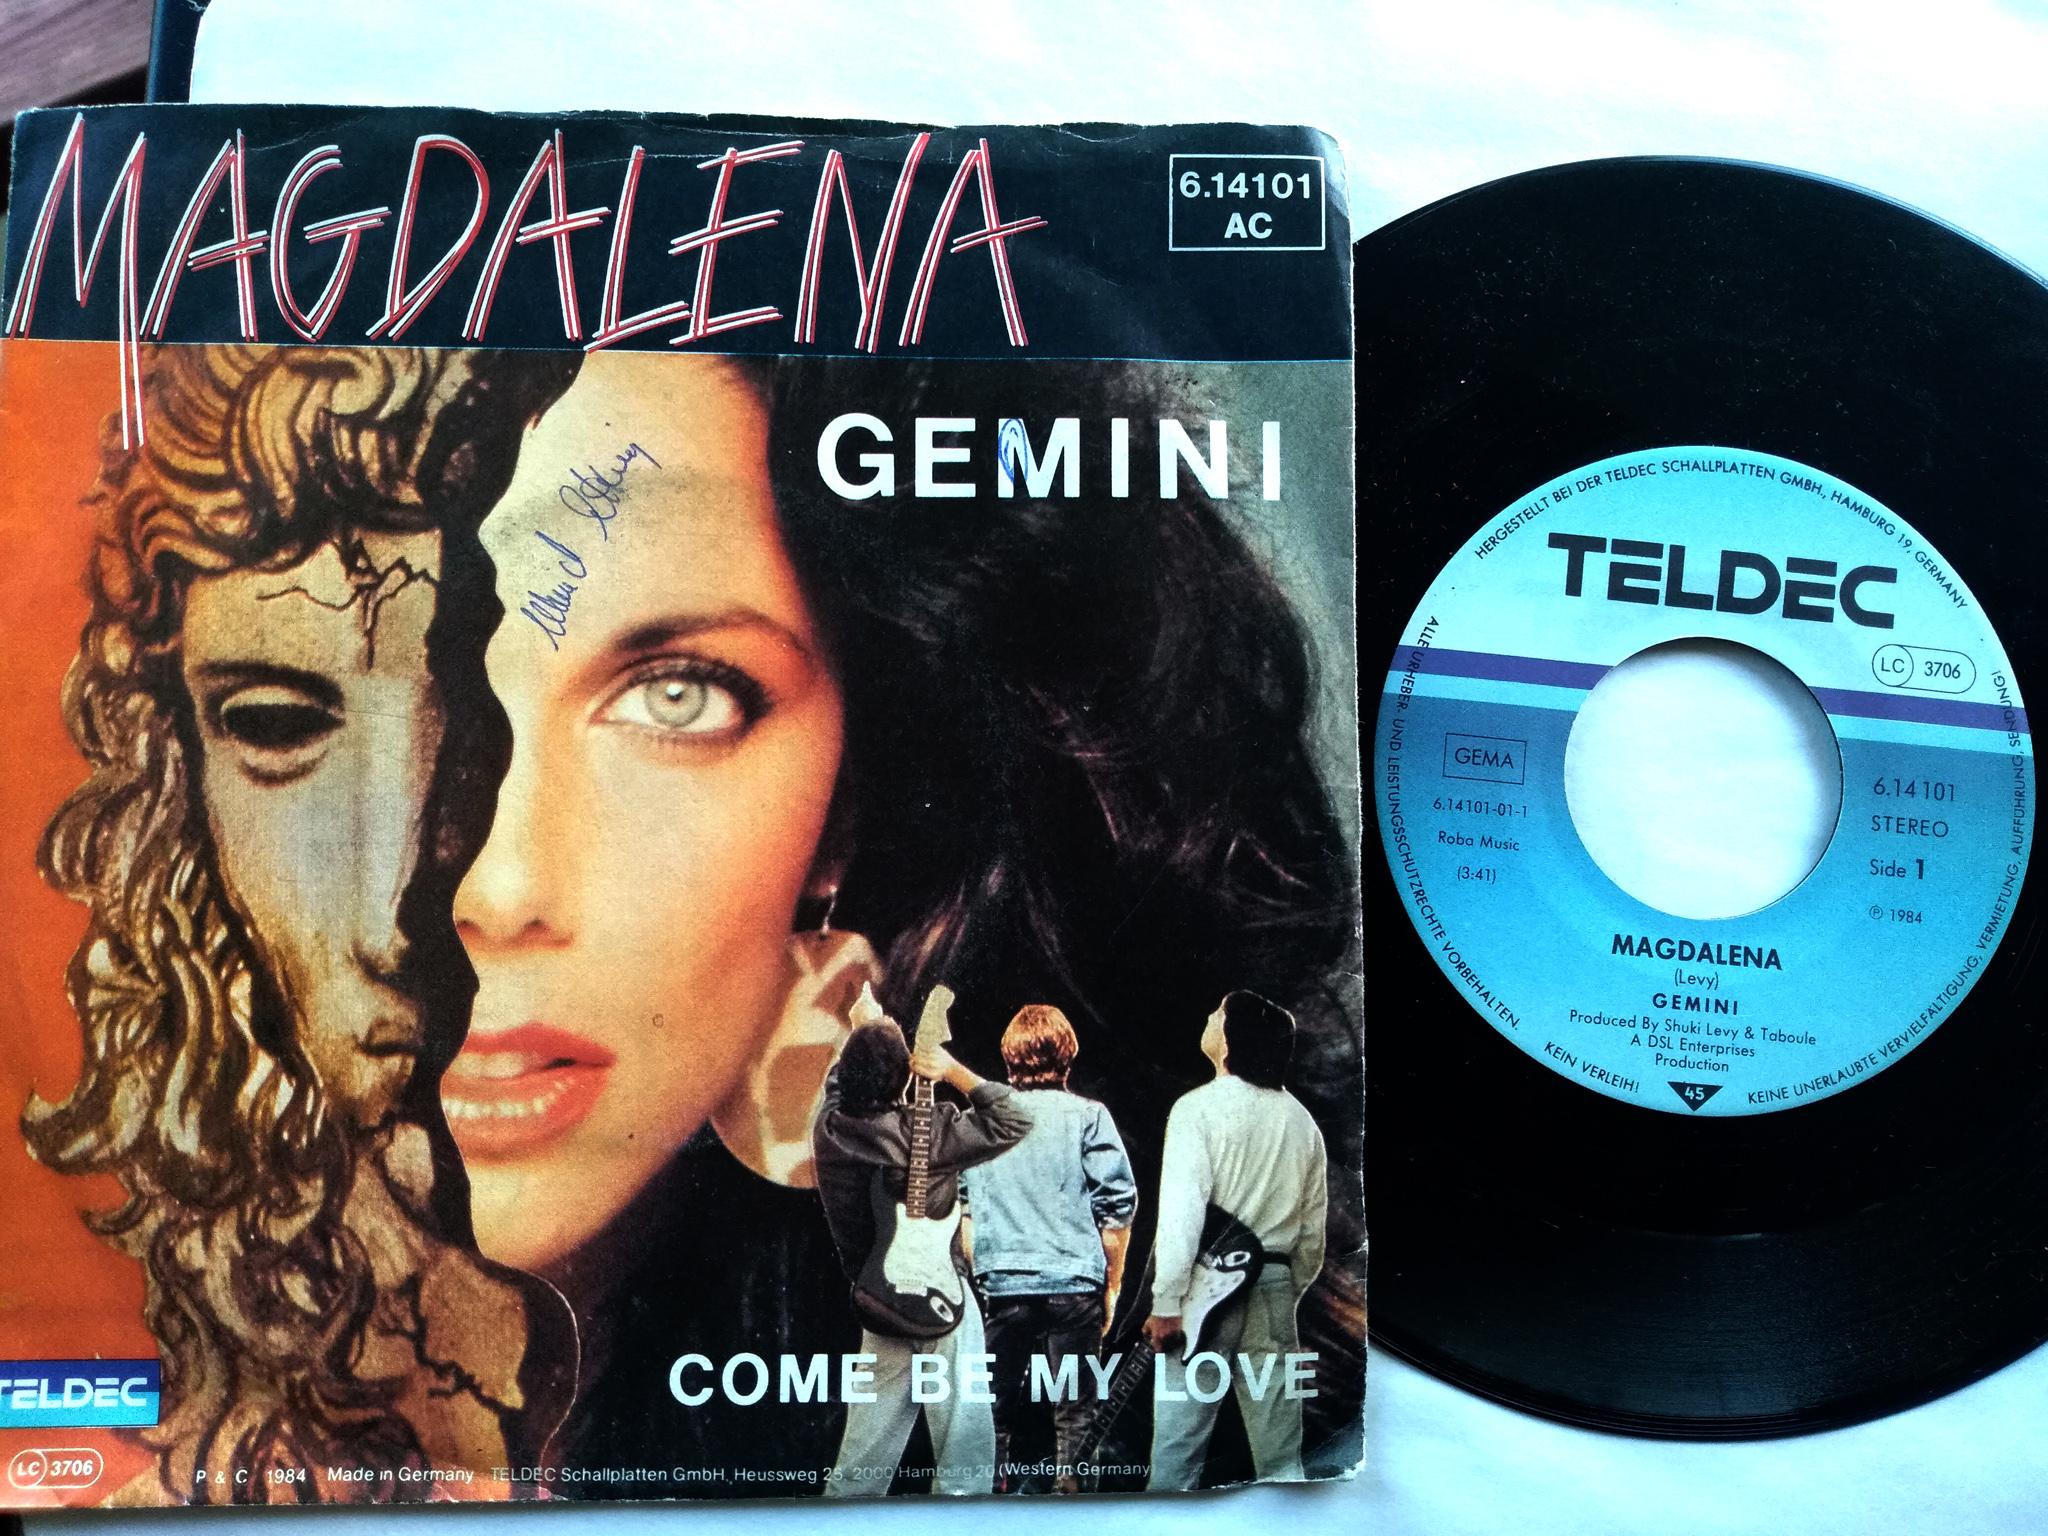 Magdalena - Gemini 7'